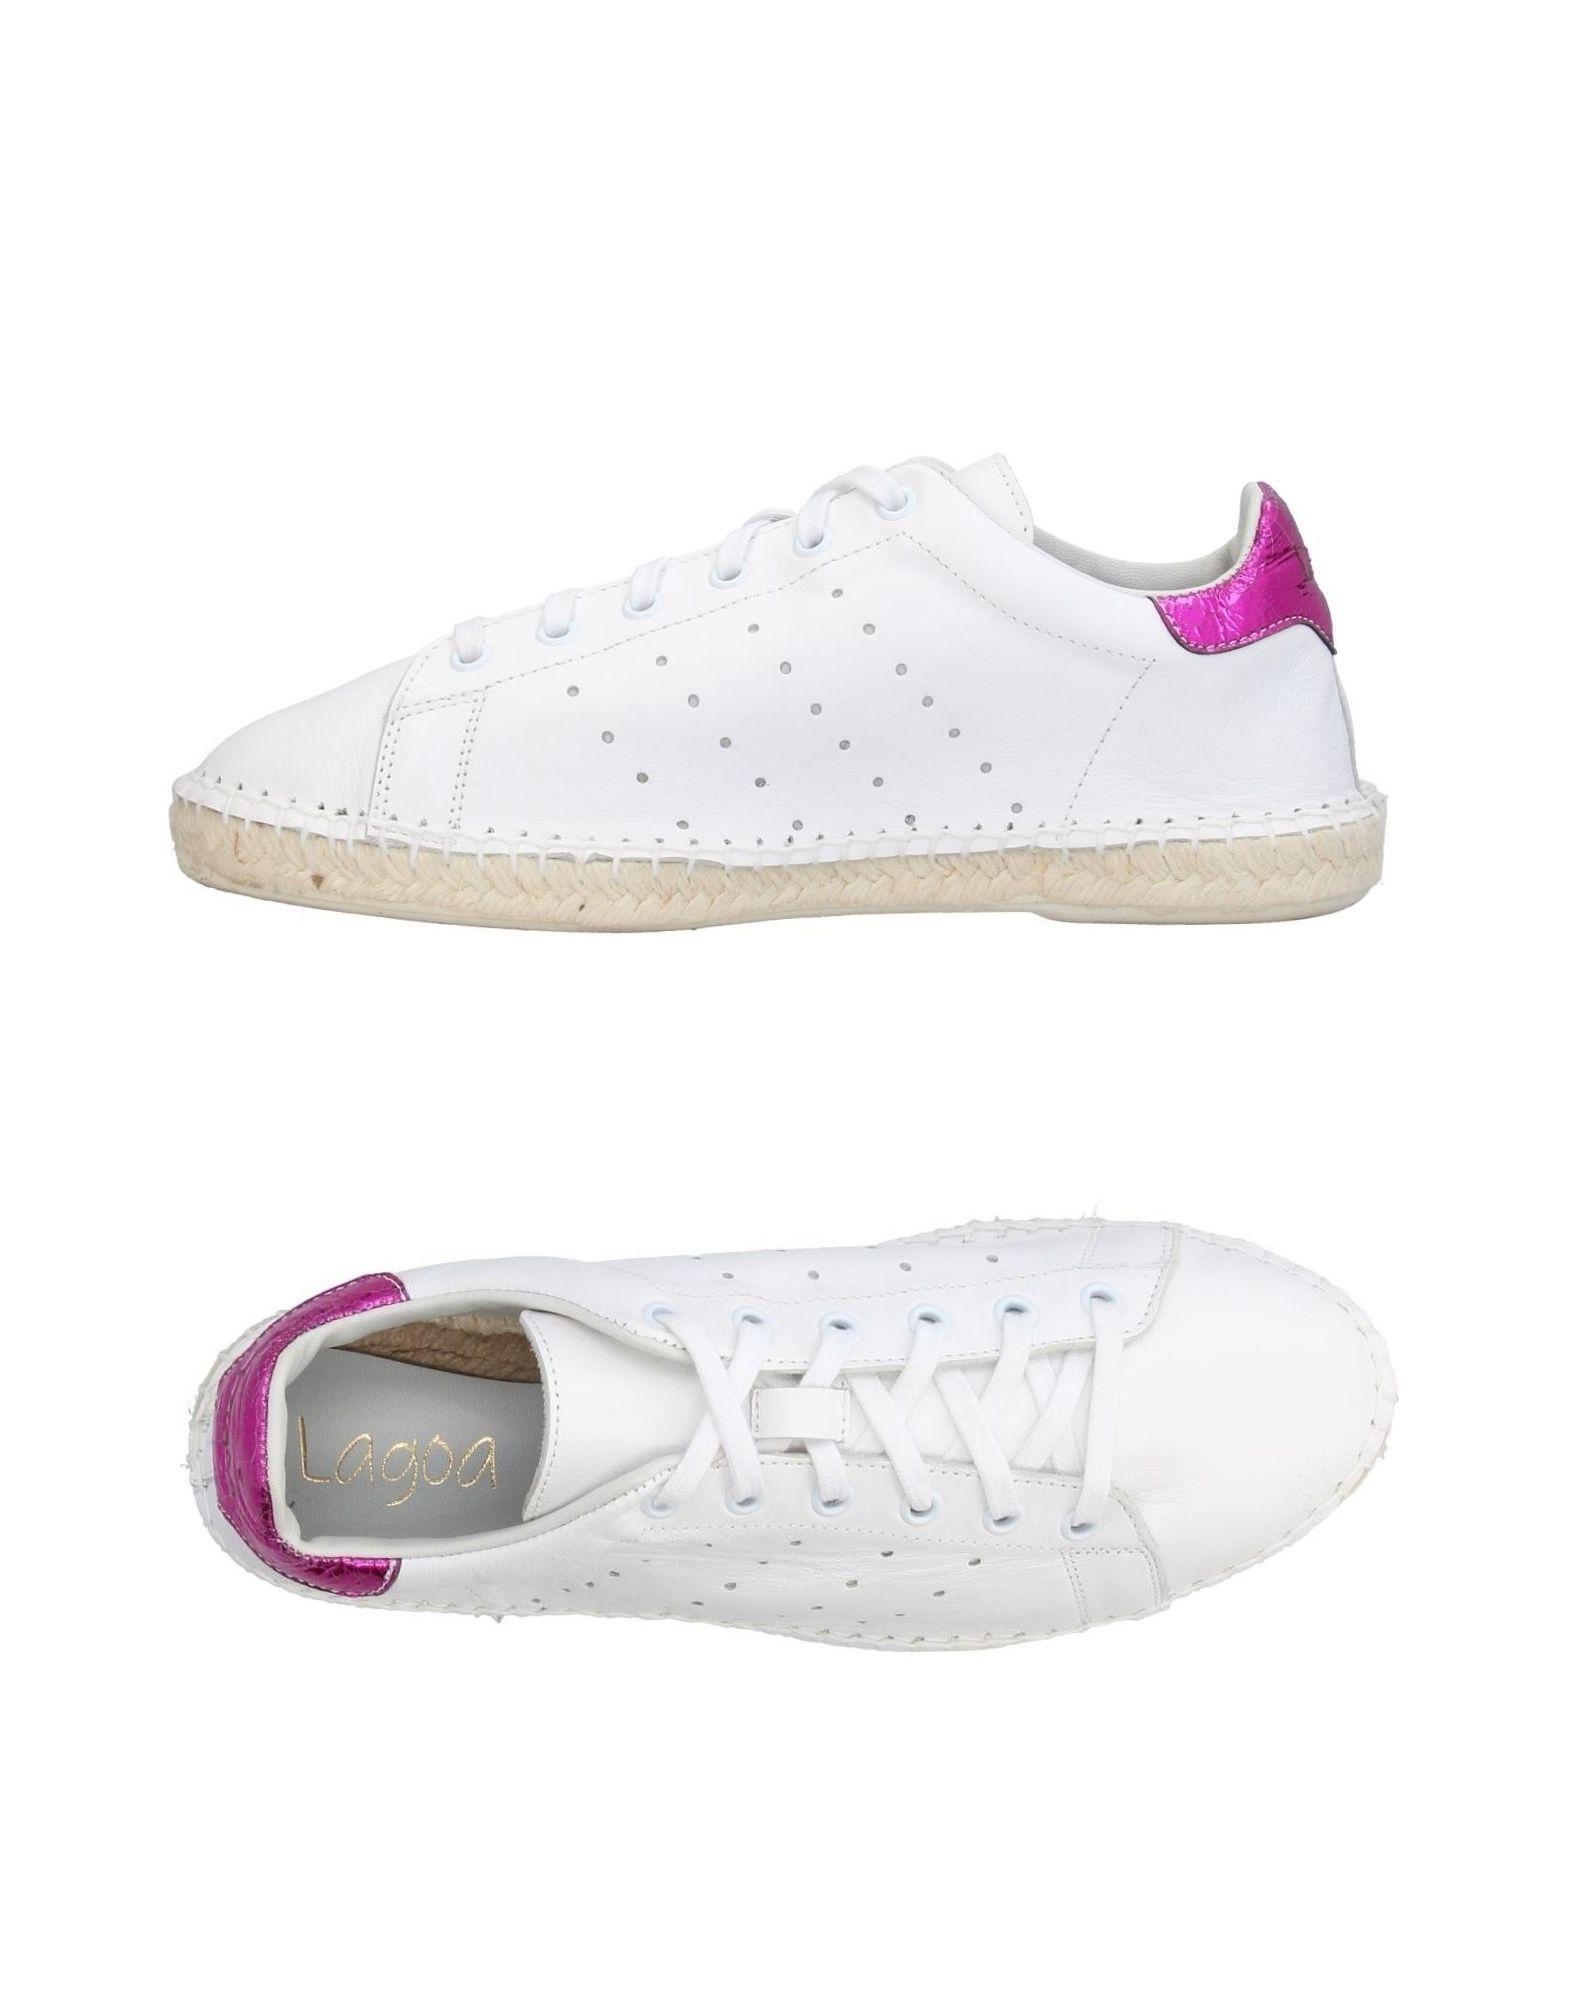 Moda Sneakers Lagoa Donna - 11400086BT